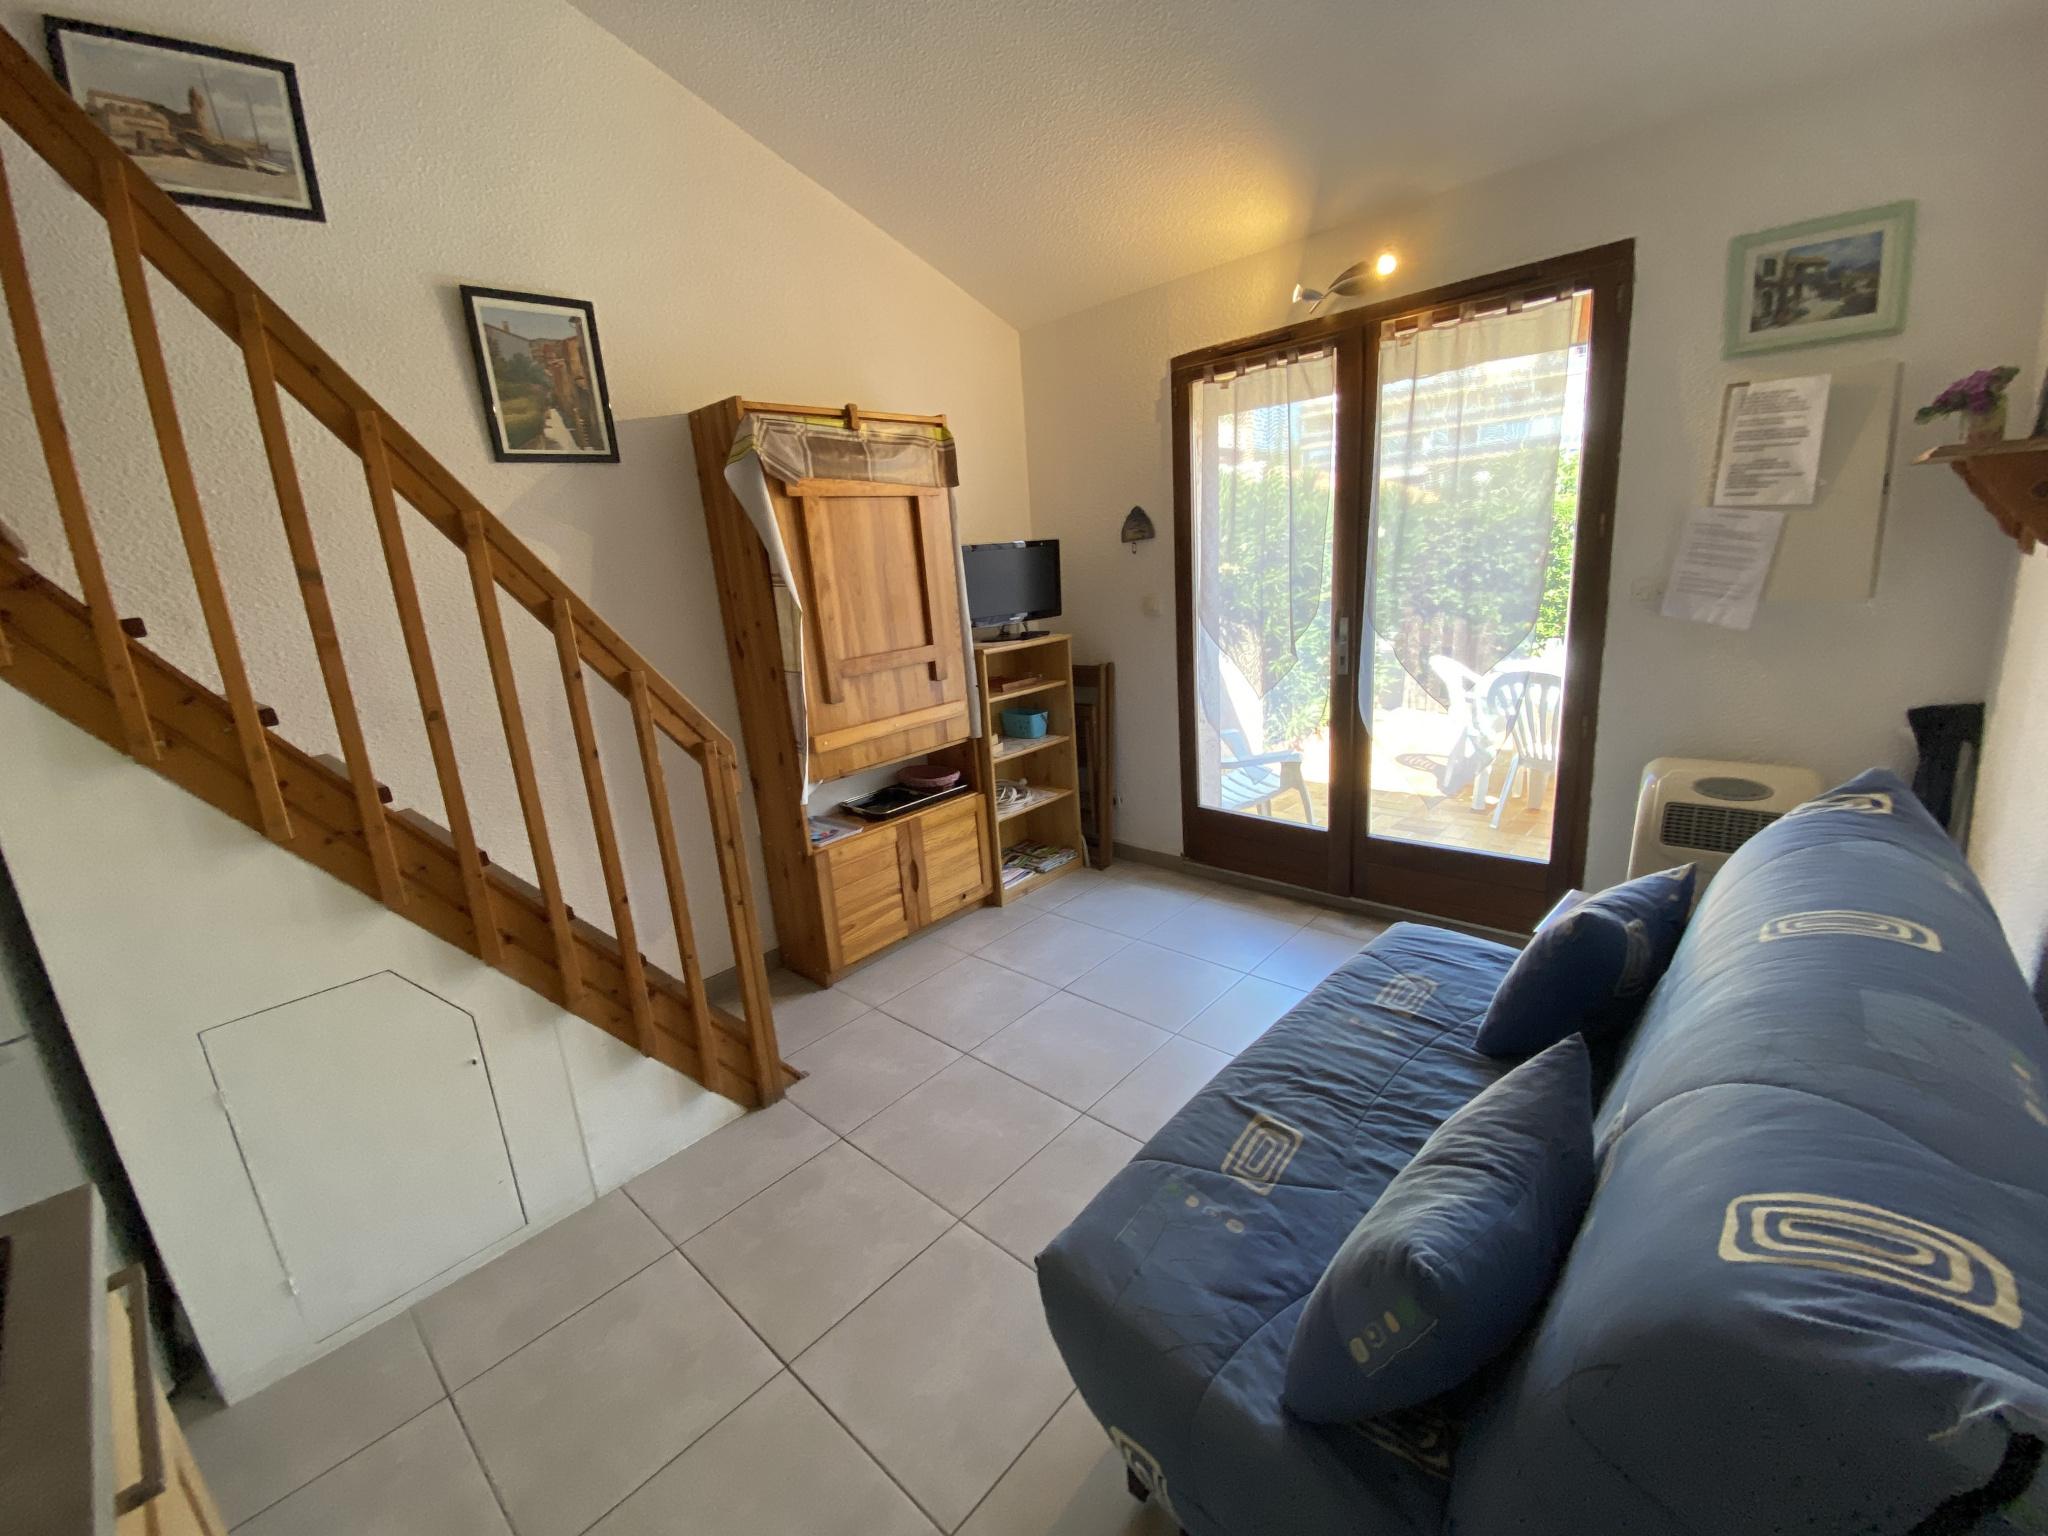 À vendre maison/villa de 25m2 à argeles sur mer (66700) - Photo 4'